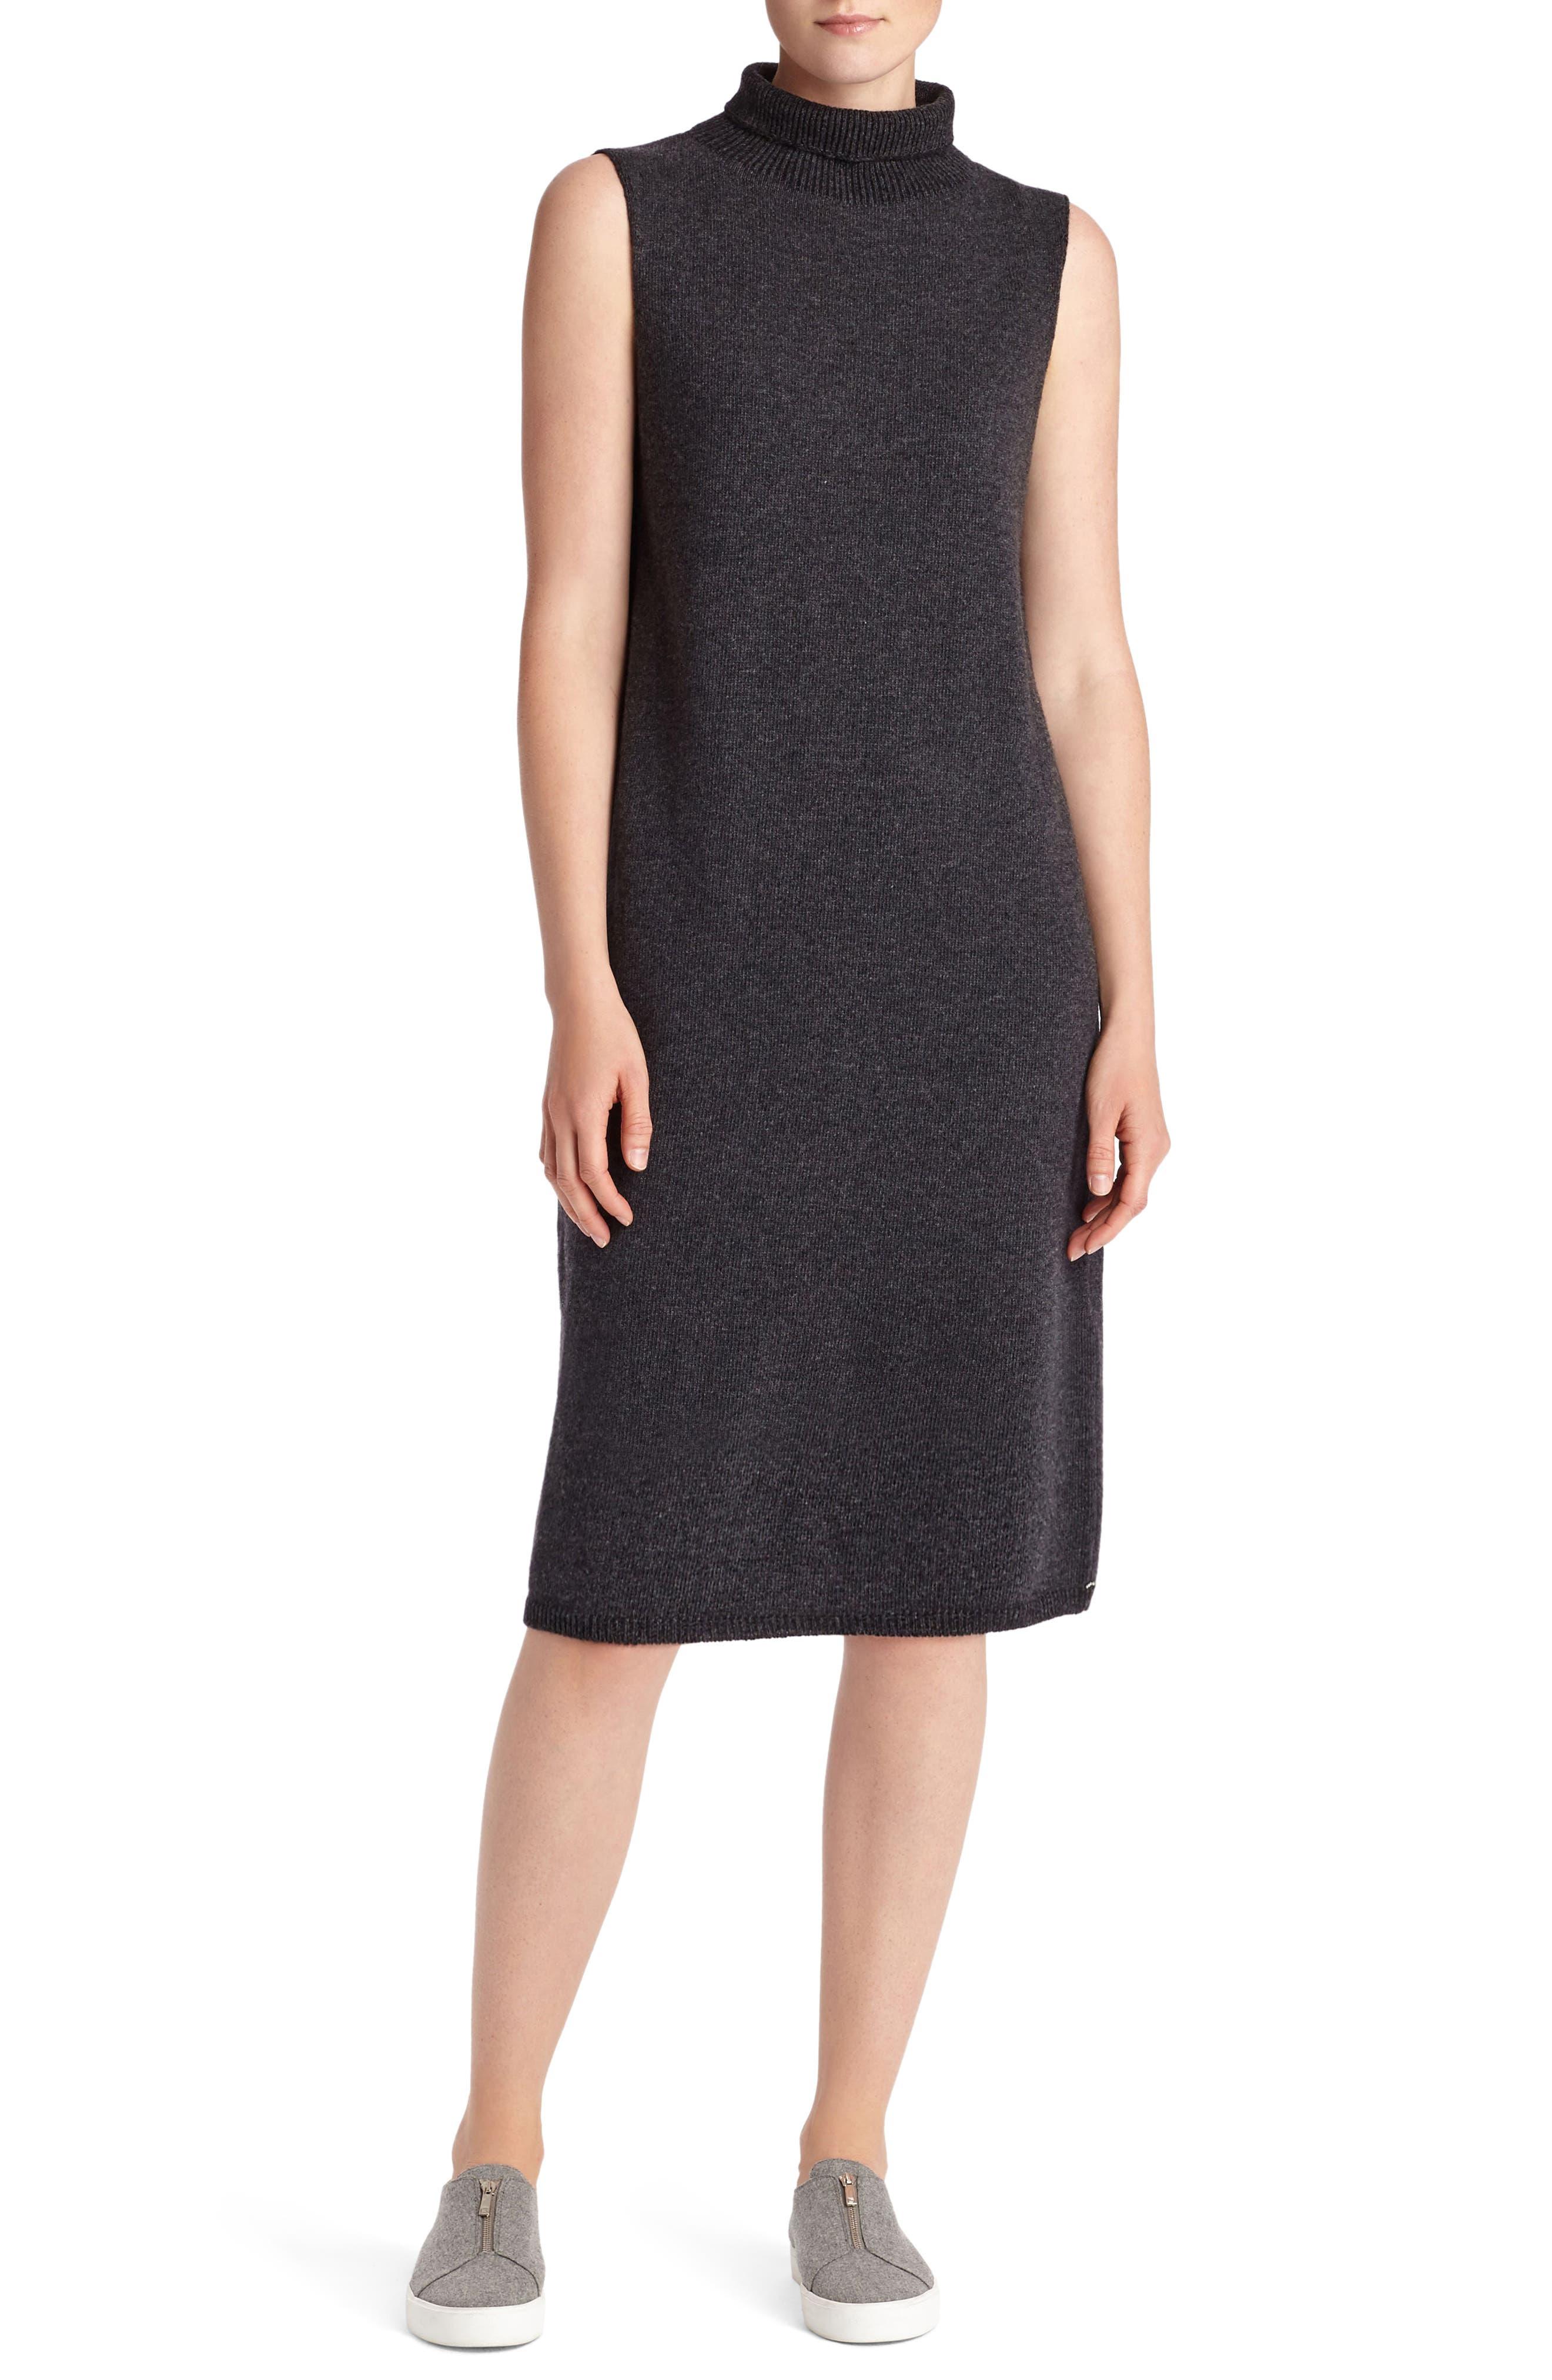 Main Image - Lafayette 148 New York Vanise Merino Wool & Cashmere Sweater Dress